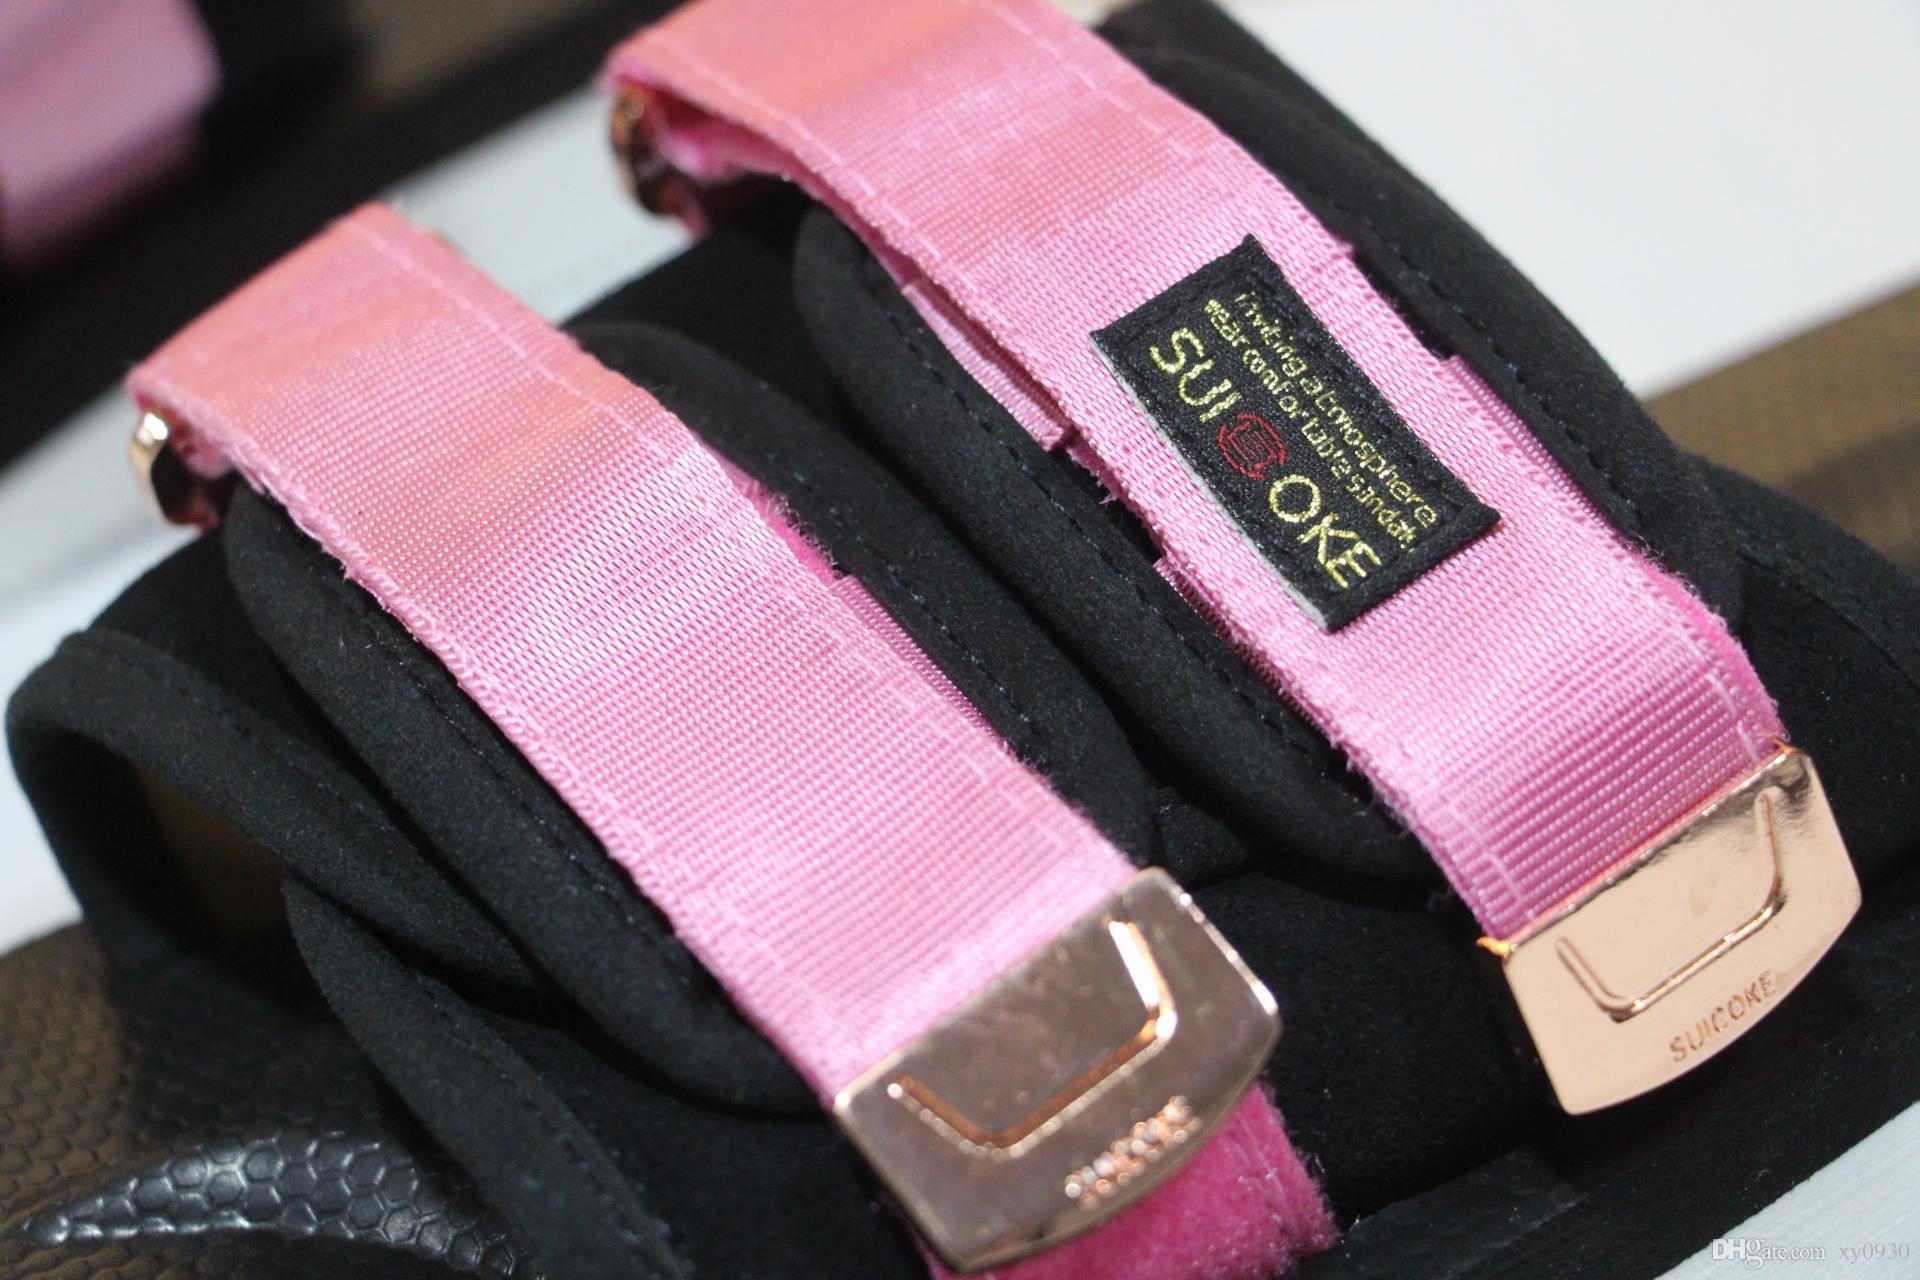 Nouvel Arrivé Top Qualité Rouge CLOT X SUICOKE OG-056STU MOTO-STU Été Trip Fest Noir Soie Coulissante Sandale Sandale SUICOKE KISEEOK-044V Pantoufles